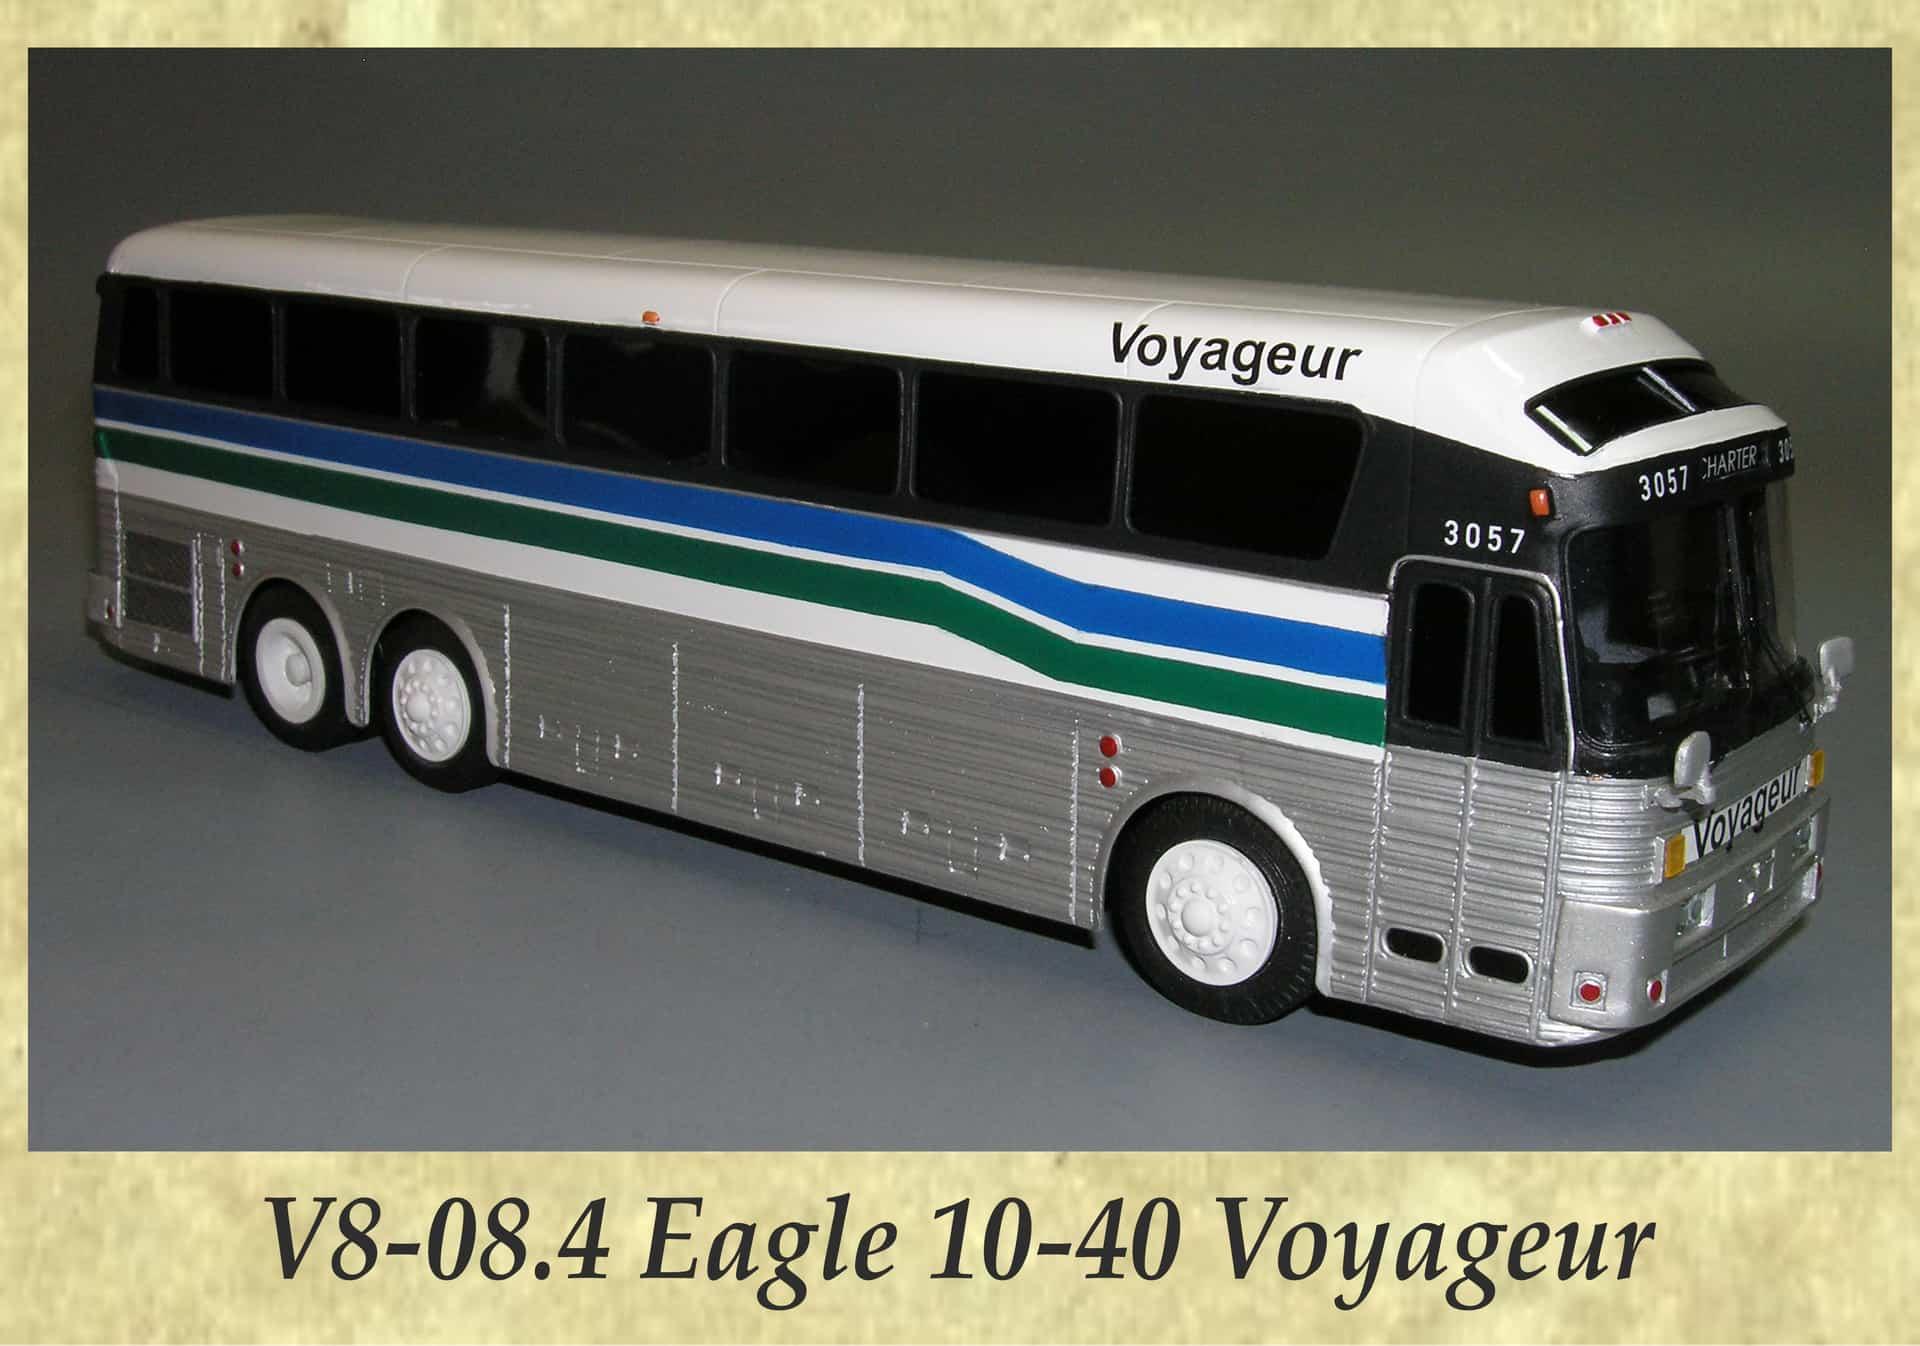 V8-08.4 Eagle 10-40 Voyageur